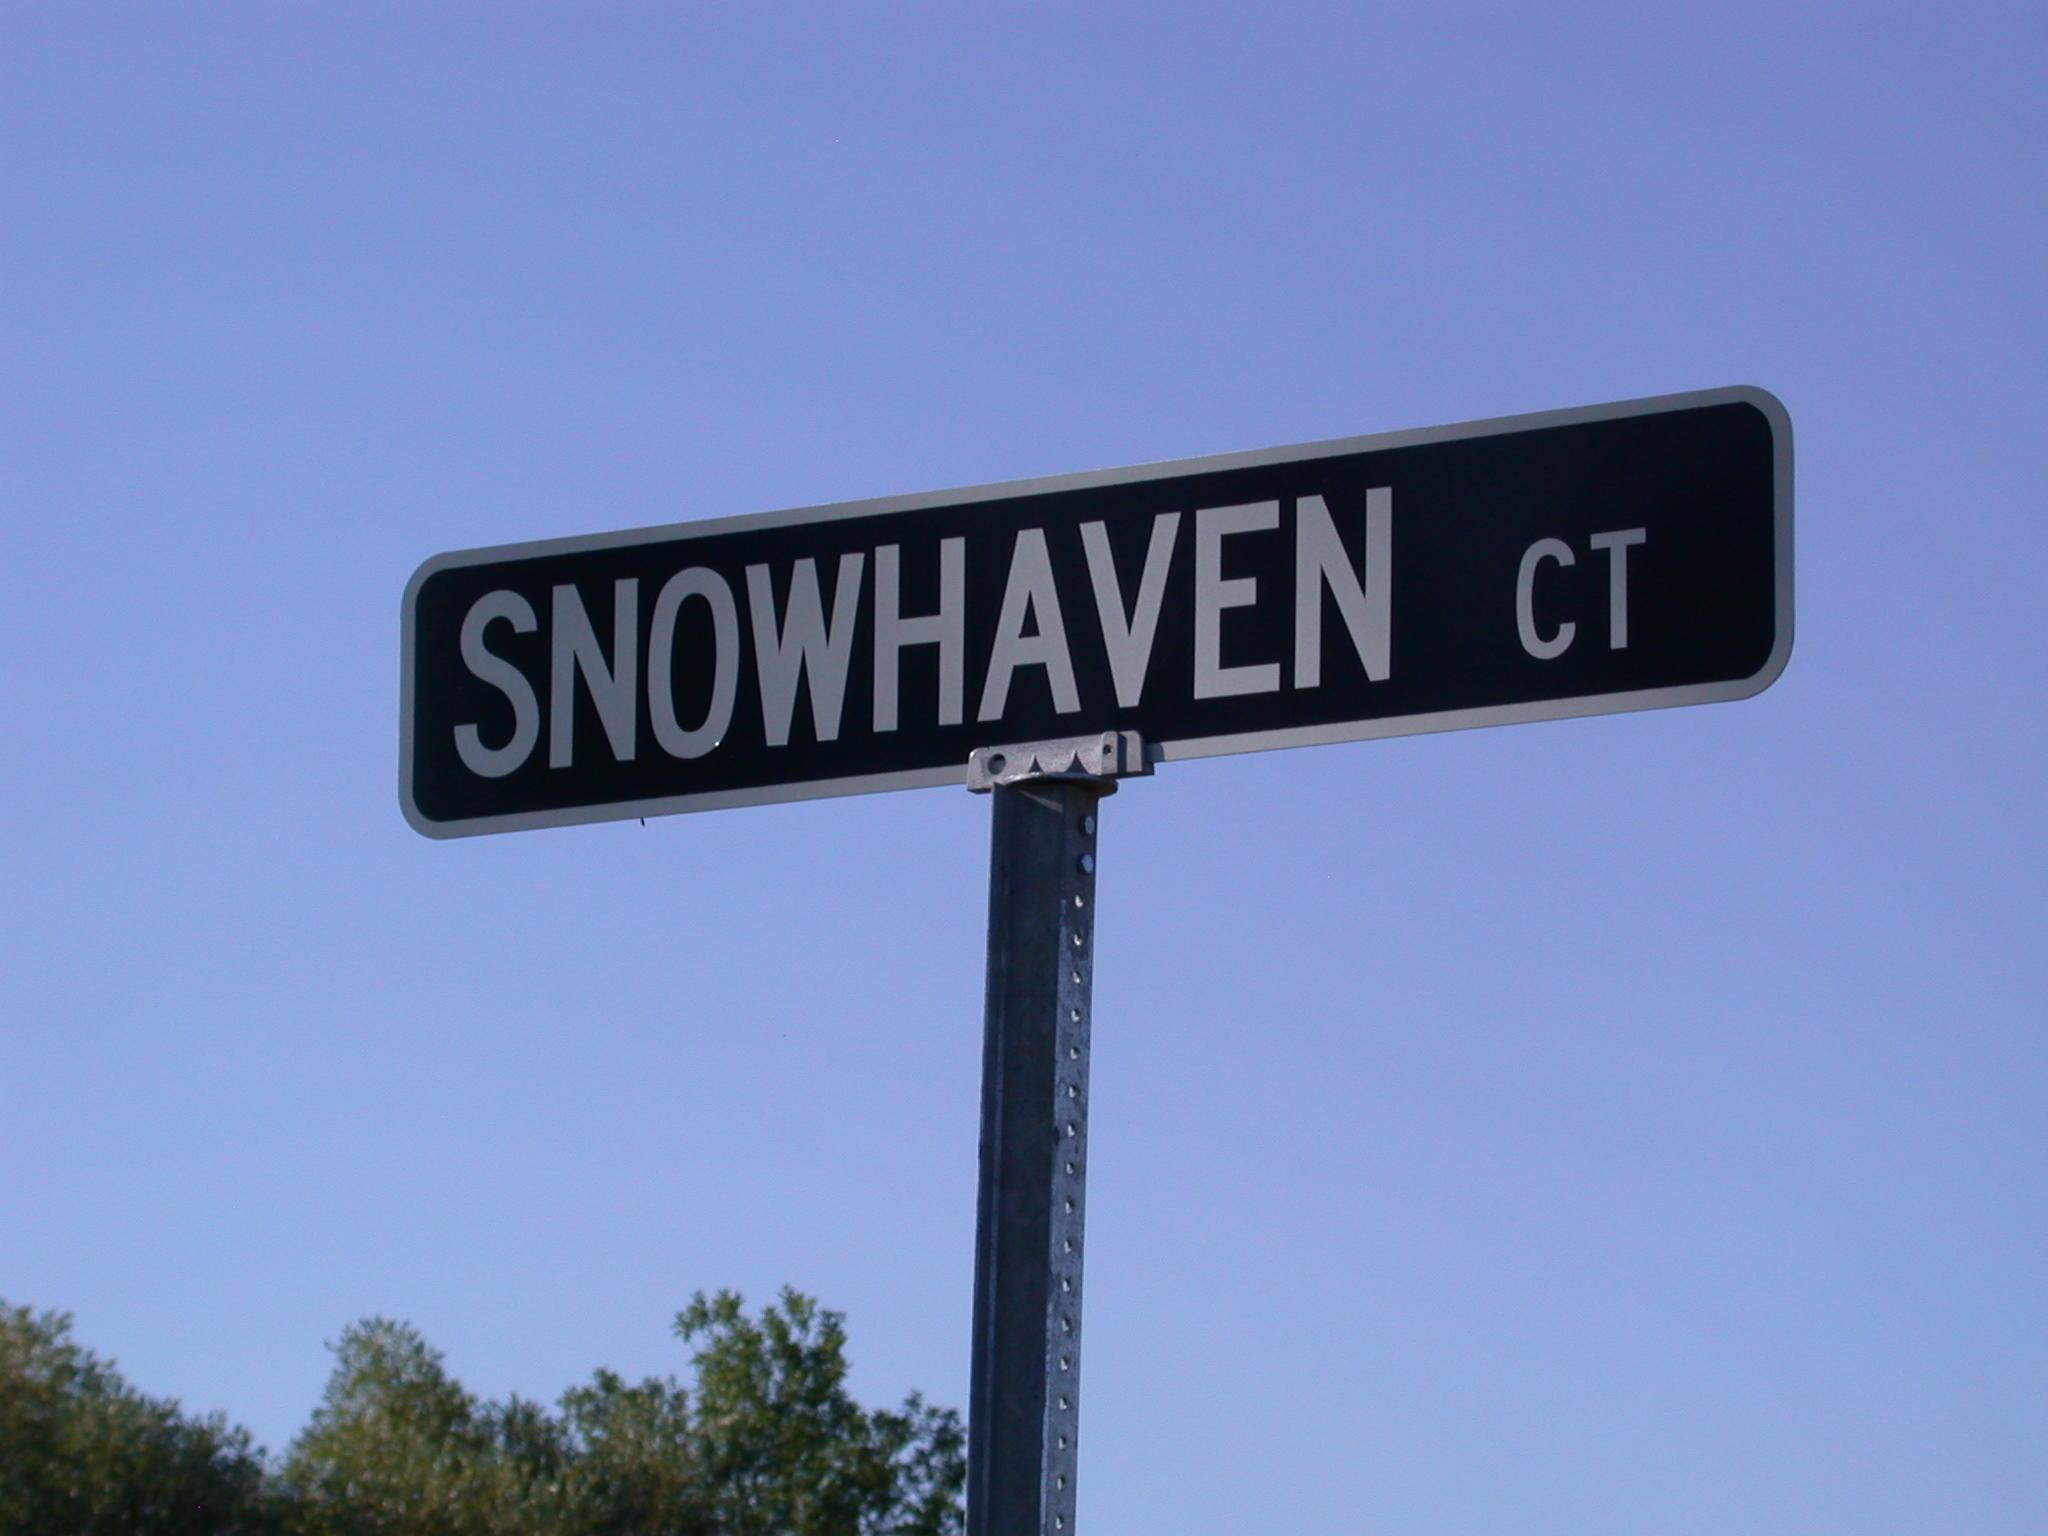 Lot 2 Snowhaven Court, Missoula, MT 59808